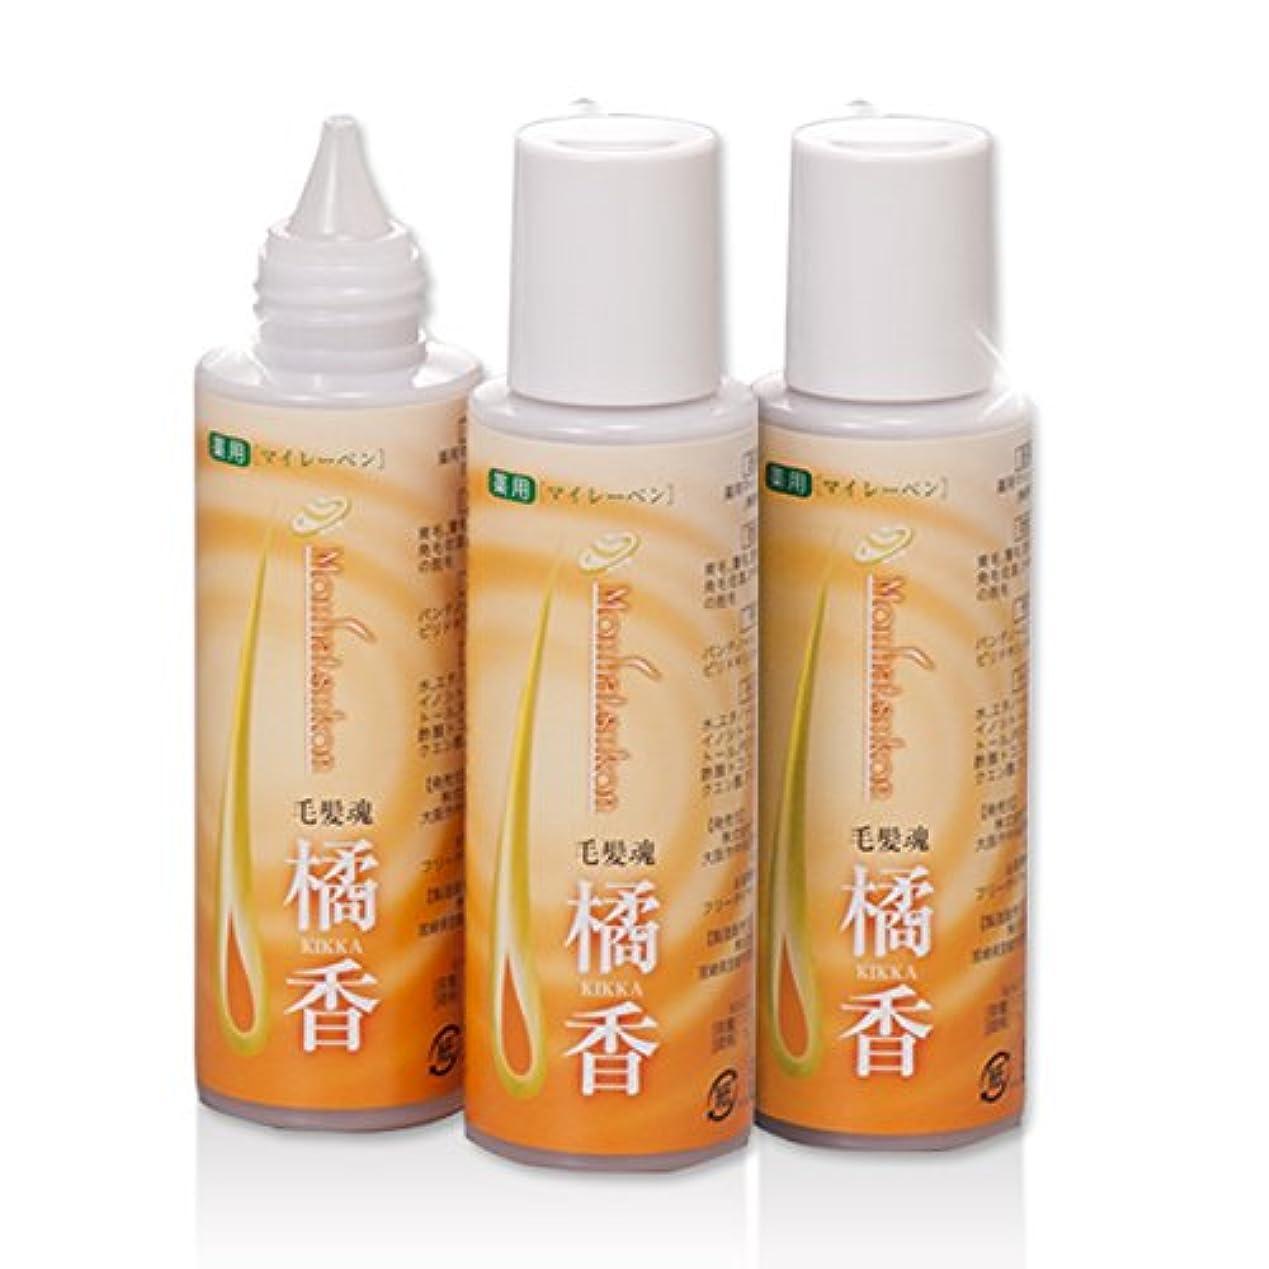 薬用育毛剤「毛髪魂マイレーベン橘香」 3本セット